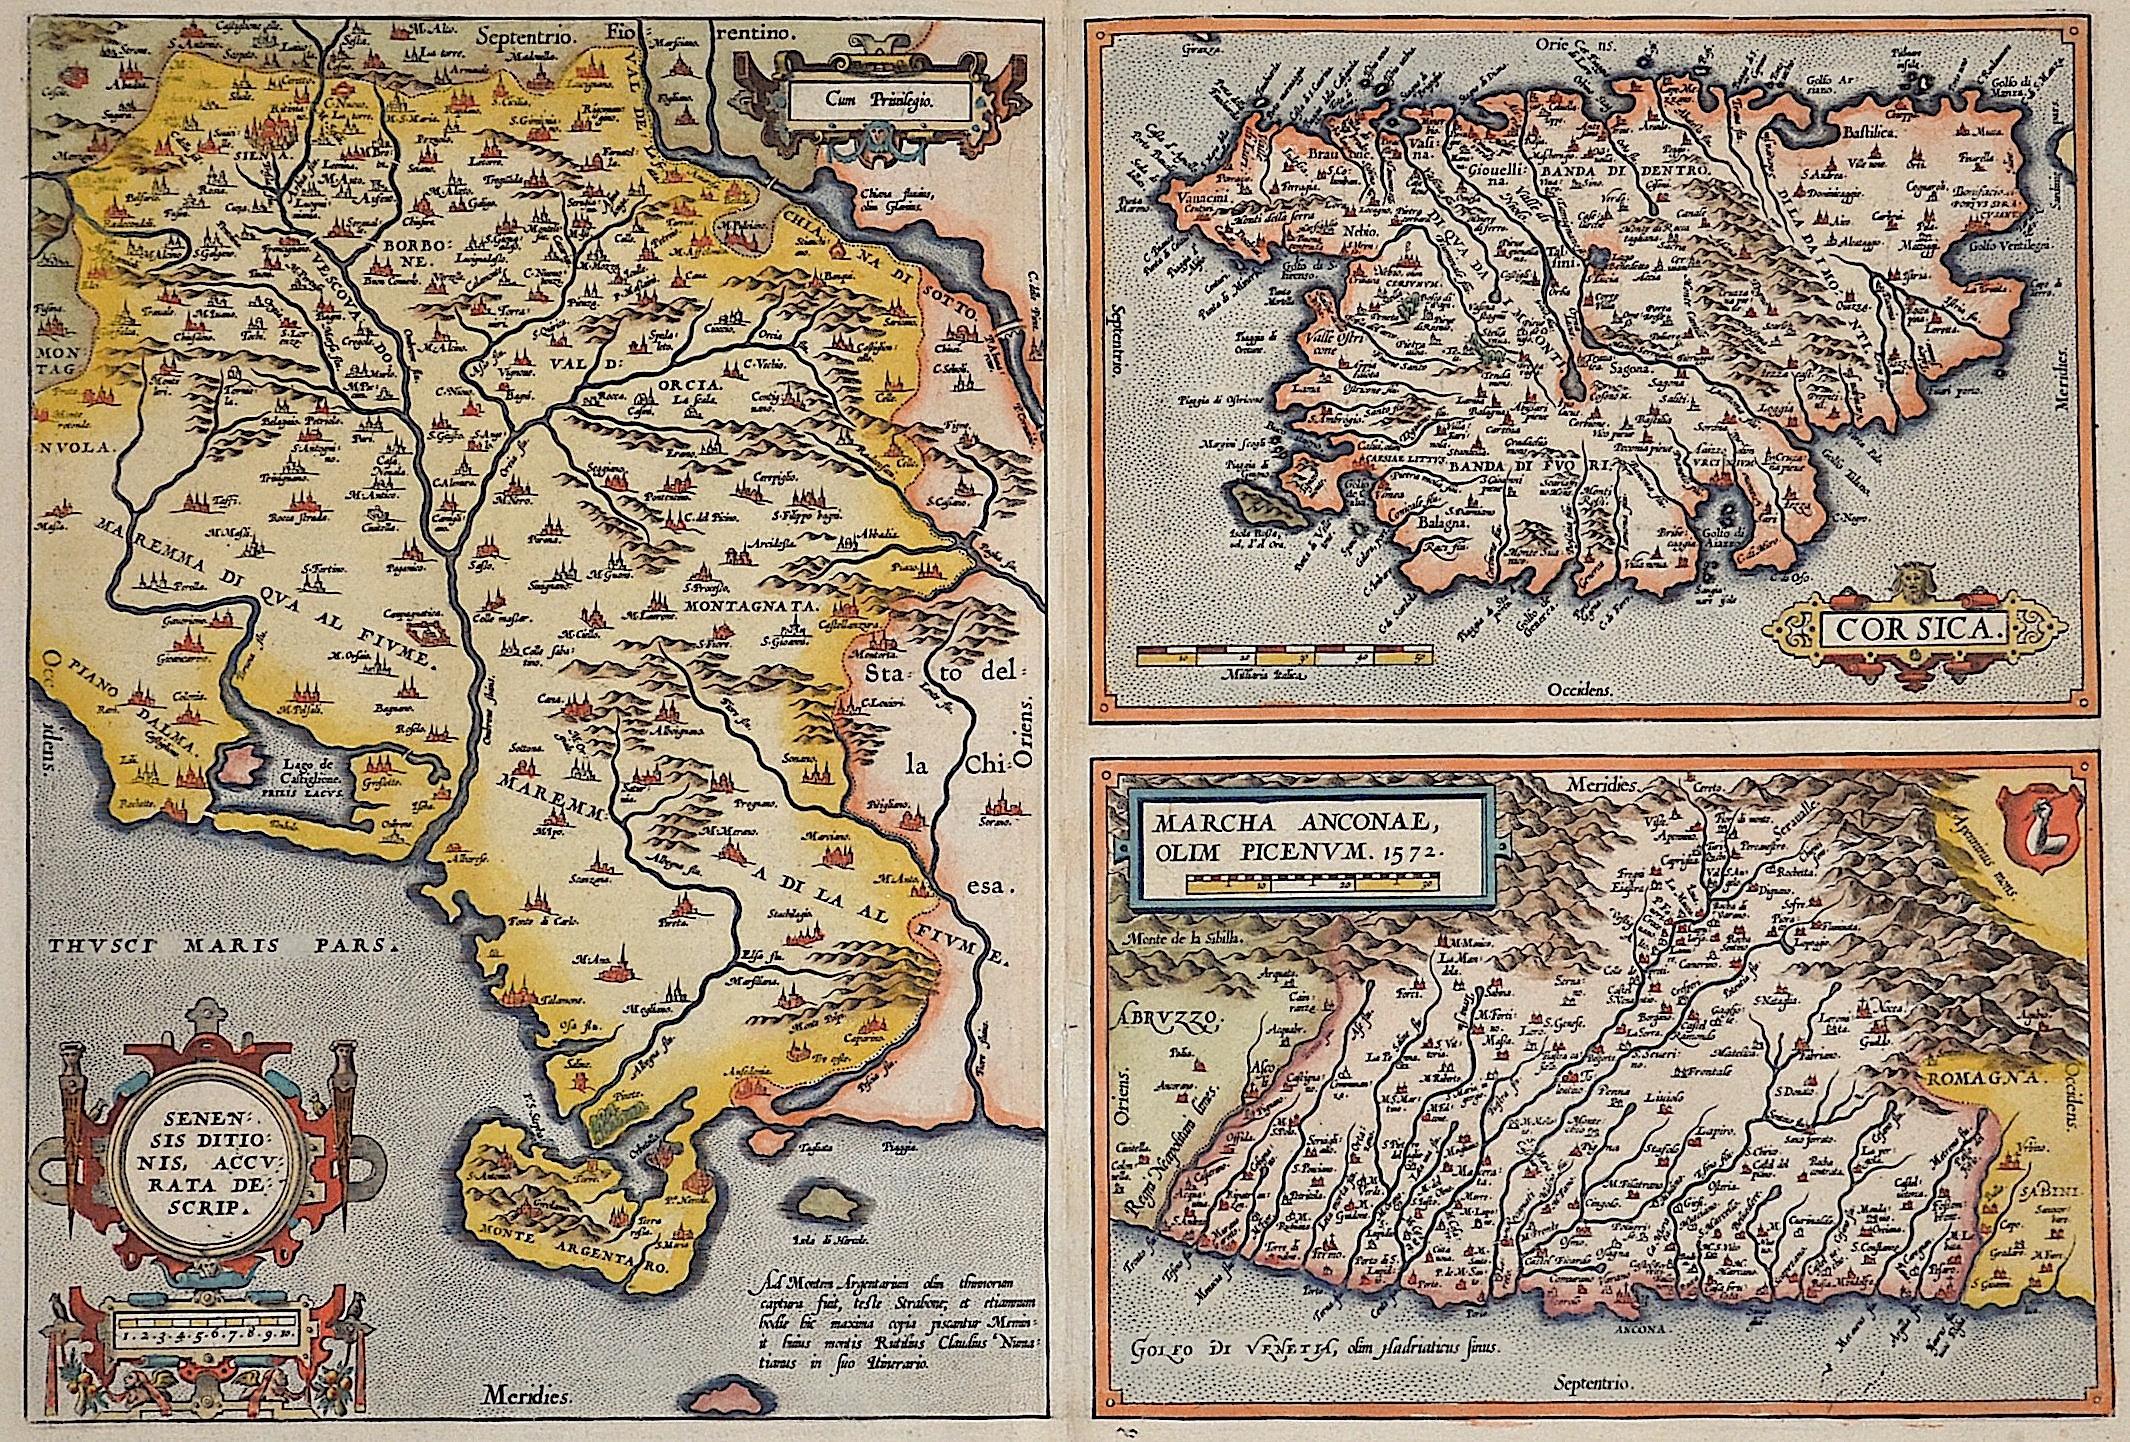 Ortelius  Senensis ditionis, accurata descrip./ Corsica/ Marcha Anconae, olim Picenum